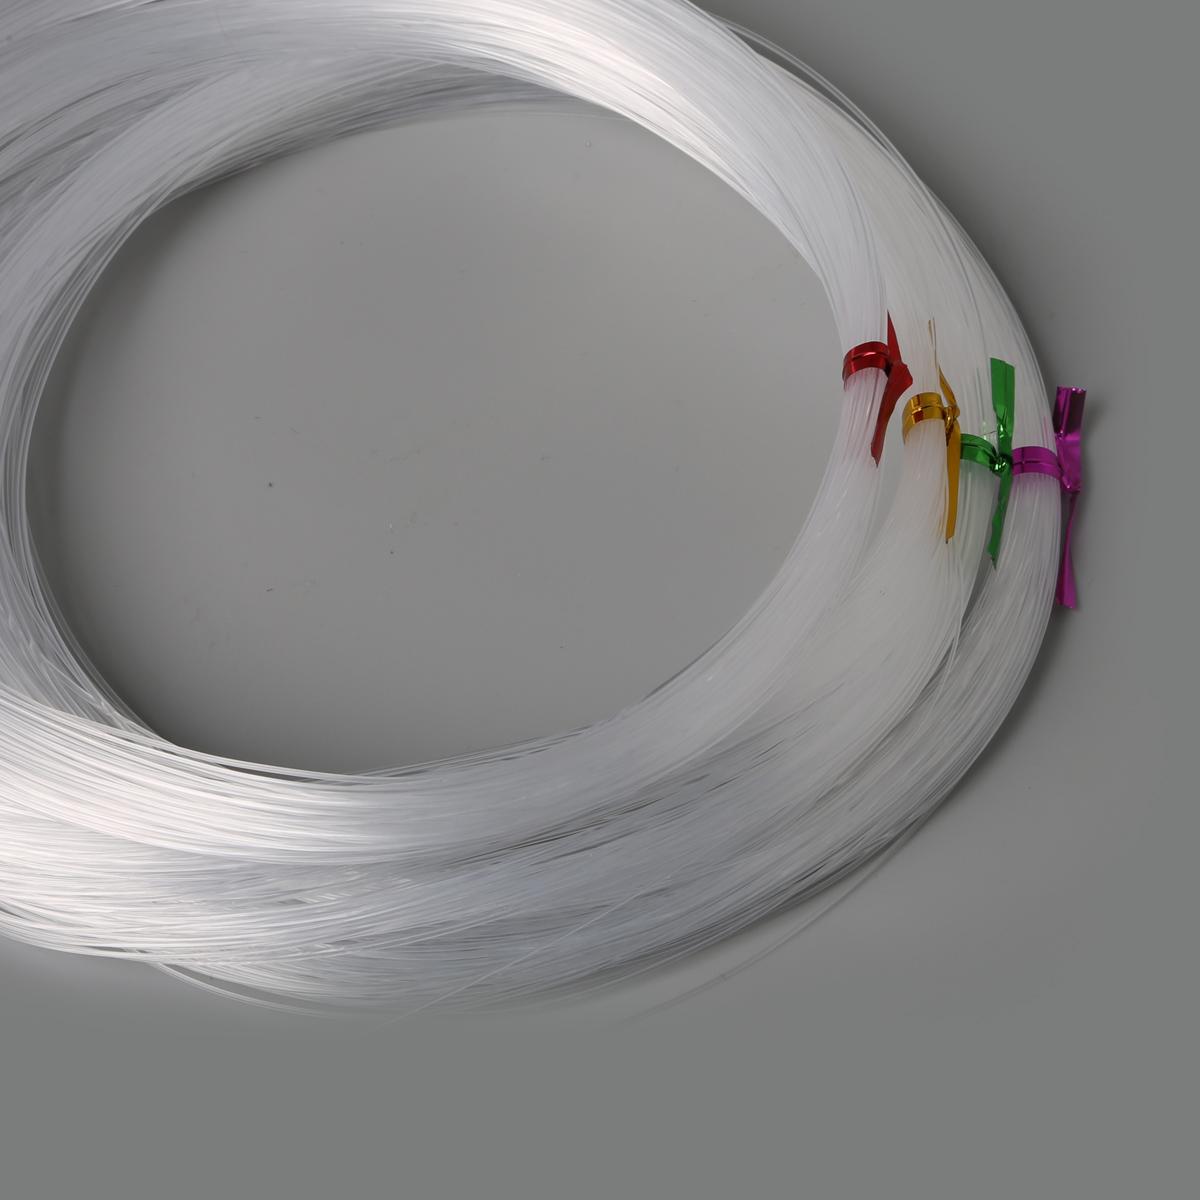 Цианин цветок, бутон diy ручной работы украшенный бусами аксессуары материал леска браслет украшенный бусами провод больше спецификация пресс объем продавать